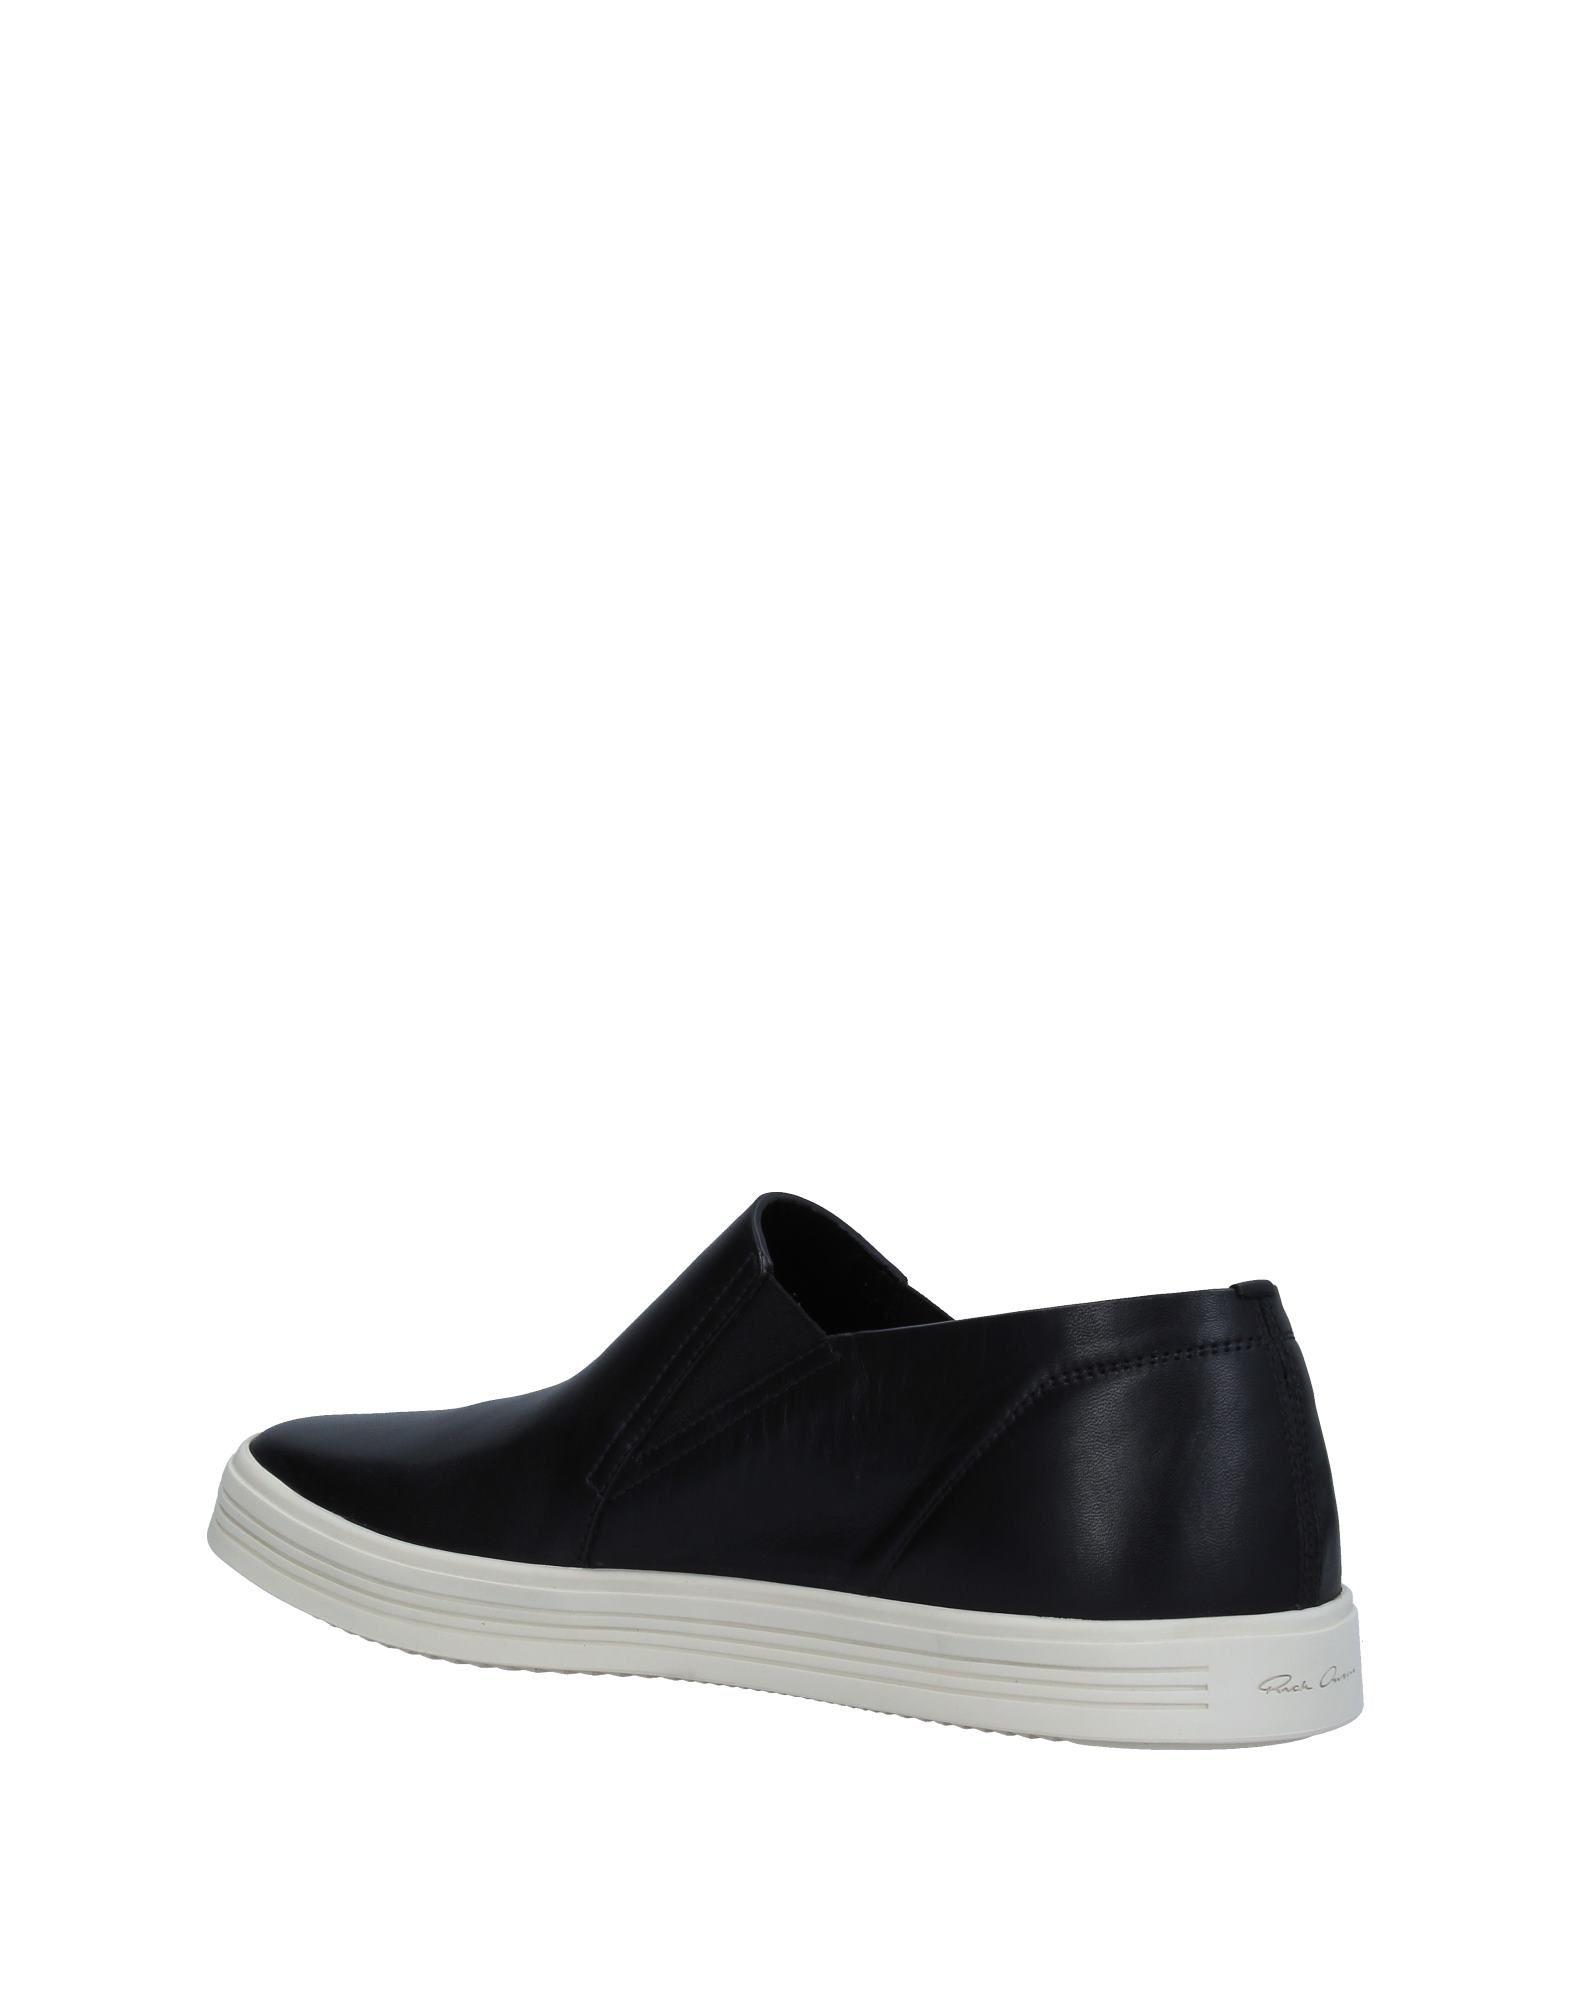 Rick Owens Sneakers Sneakers Owens Herren  11337276ND 149c78